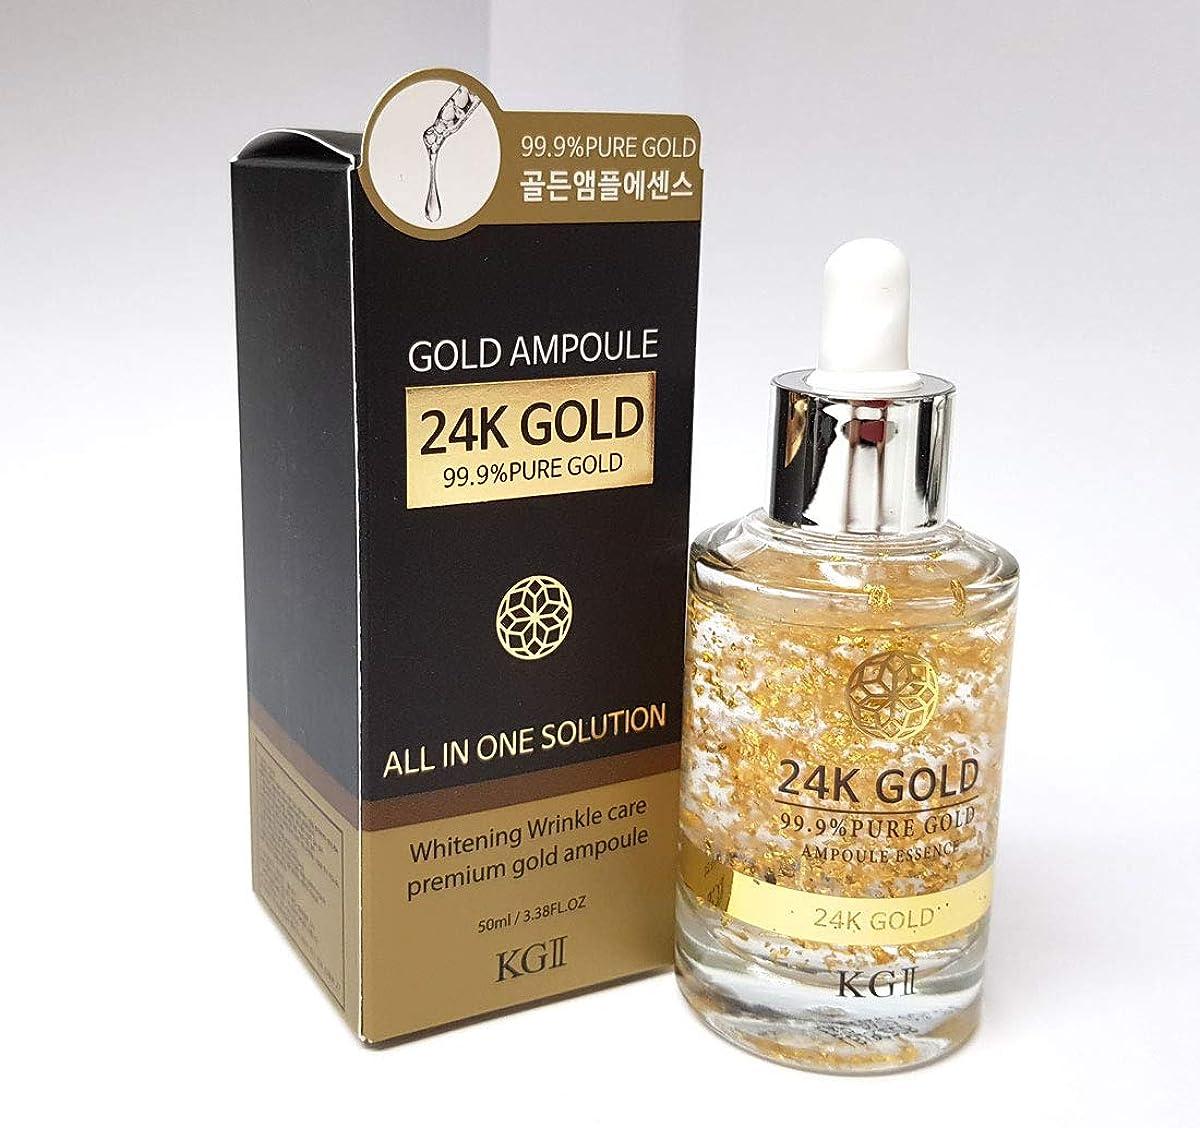 機械知性部族[KG2] 24Kゴールドアンプルエッセンス50ml / 24K Gold Ampoule Essence 50ml / 99.9ピュアゴールド / 99.9Pure Gold/シワ&ホワイトニング/wrinkles & whitening/韓国化粧品/Korean Cosmetics [並行輸入品]